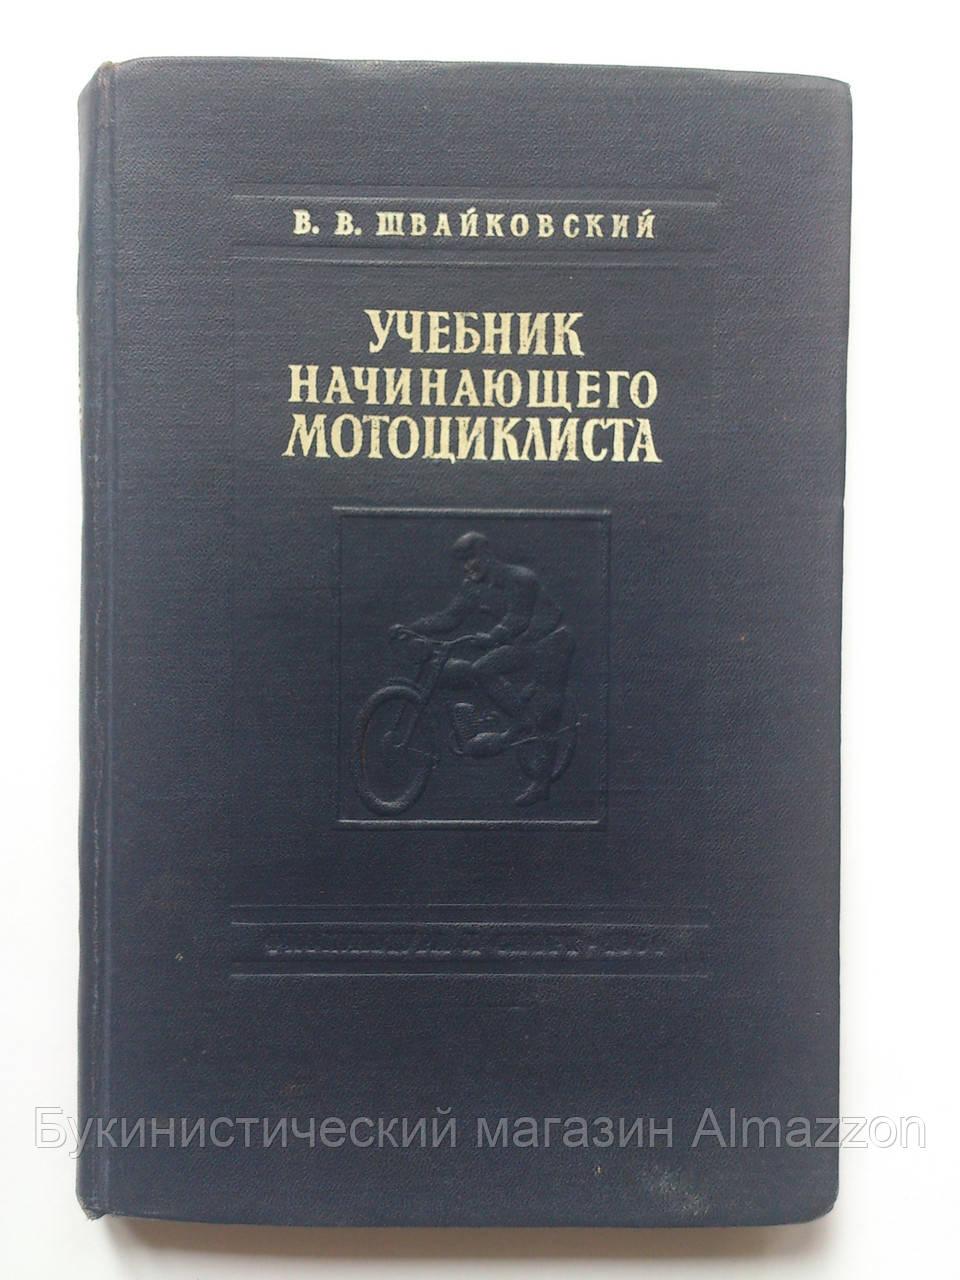 Швайковский В.В. Учебник начинающего мотоциклиста. 1954 год